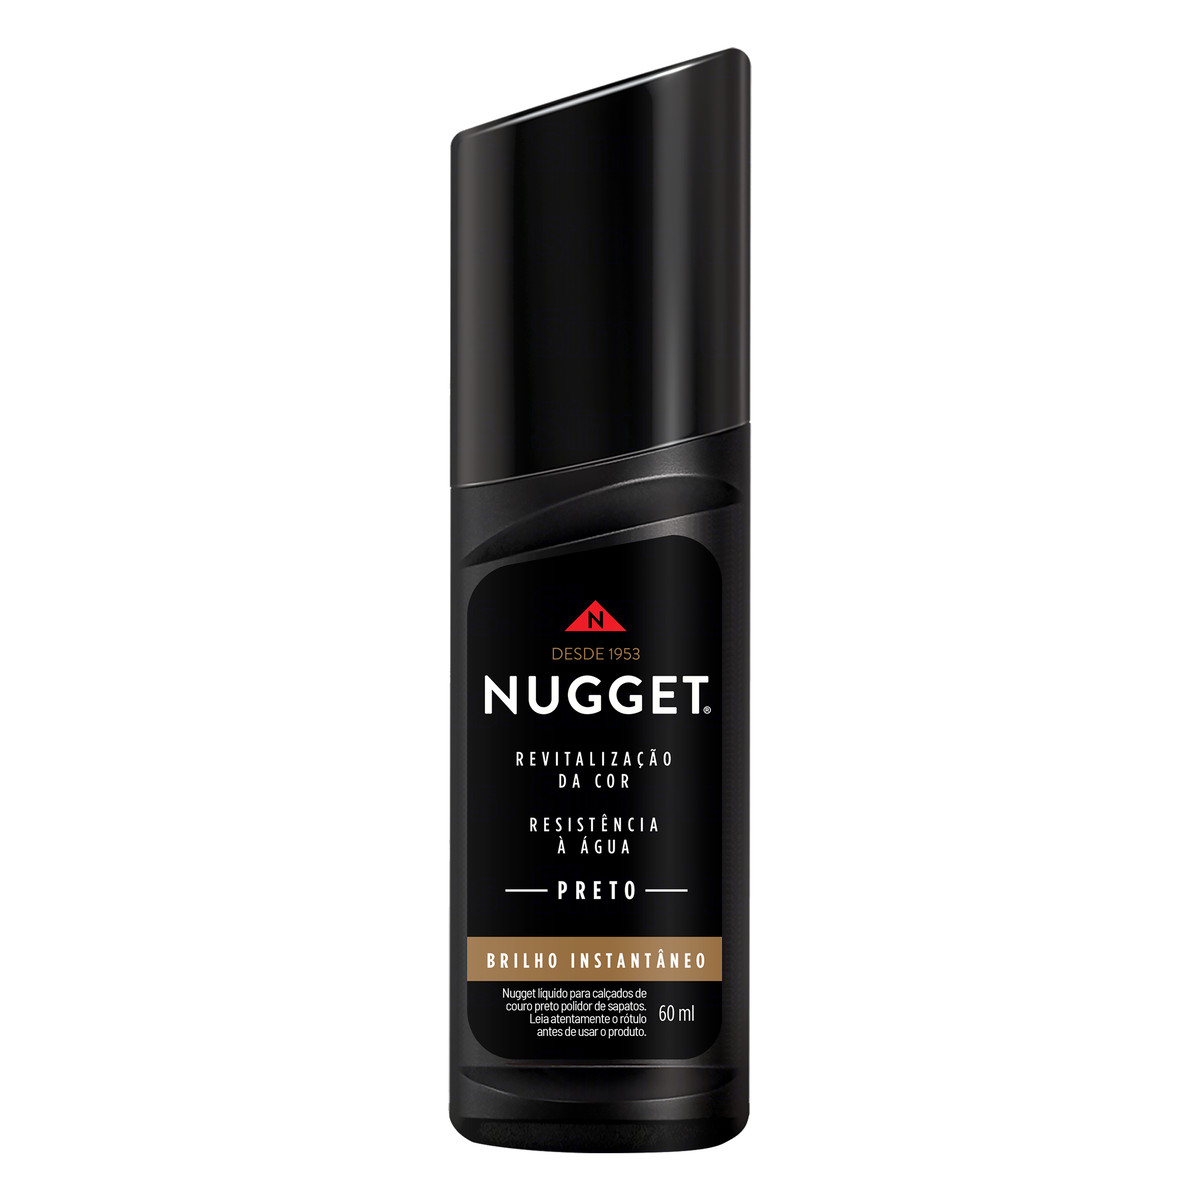 NUGGET LIQUIDO PRETO 1X60ML (24)